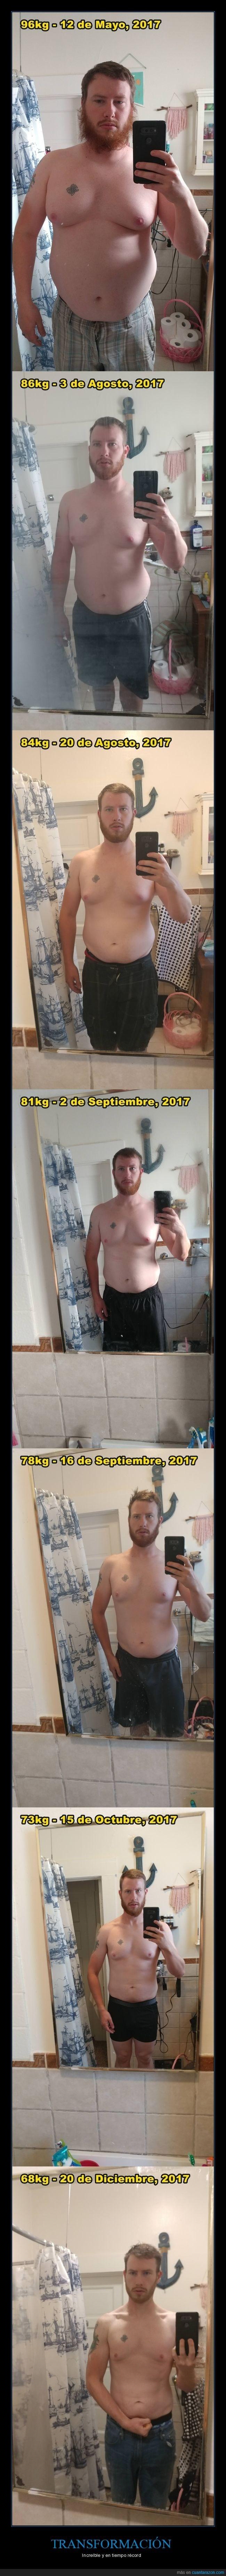 fotos de un chico que pierde peso en tiempo record